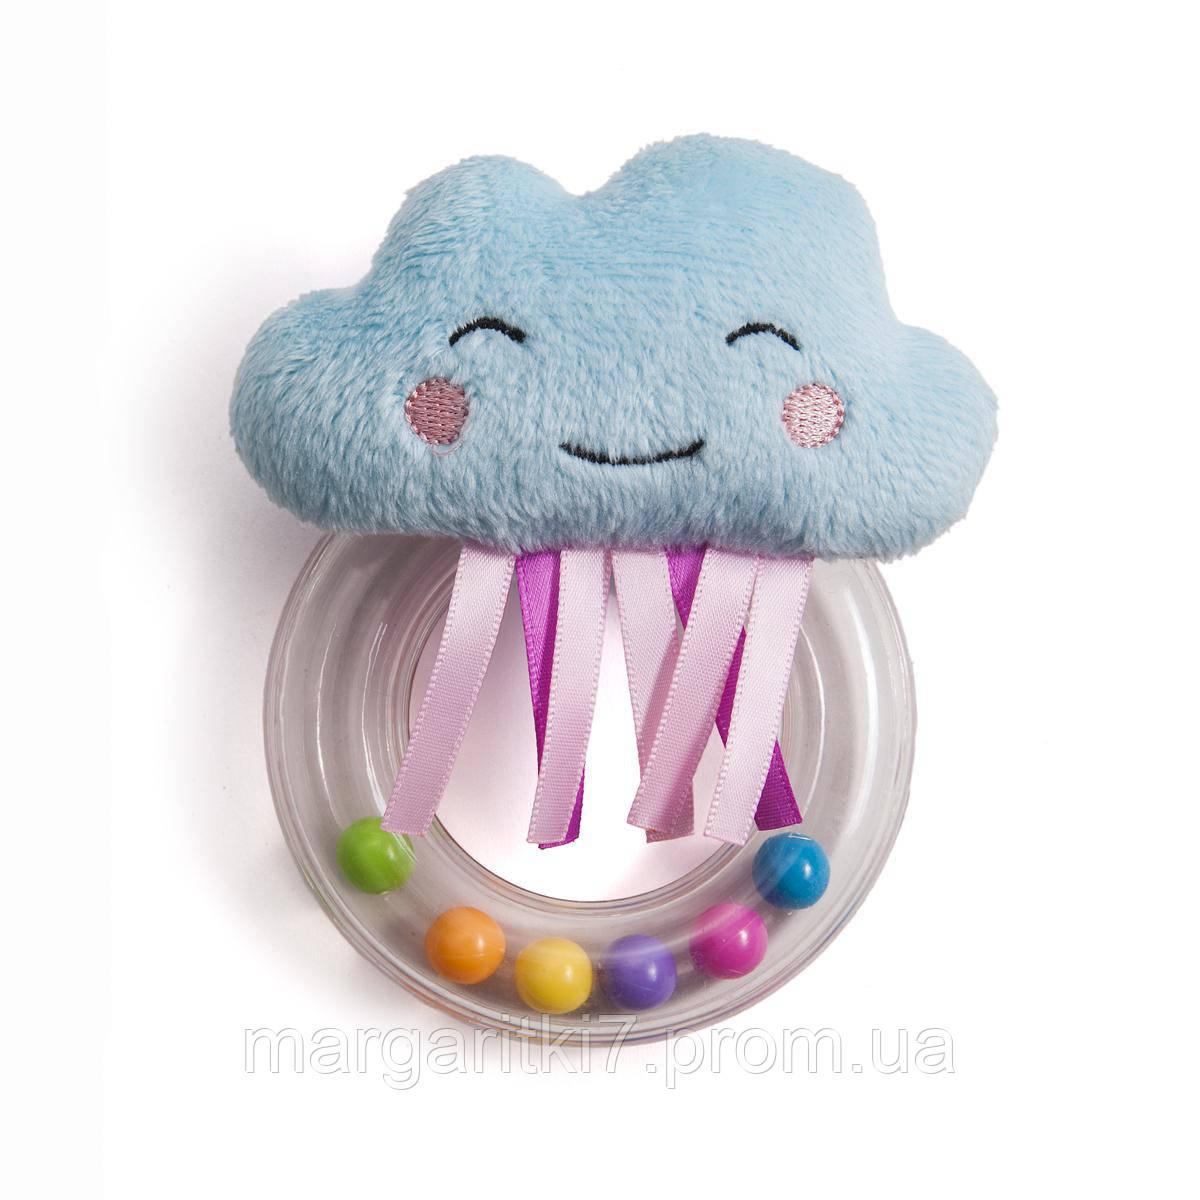 Погремушка - Облачко Taf Toys